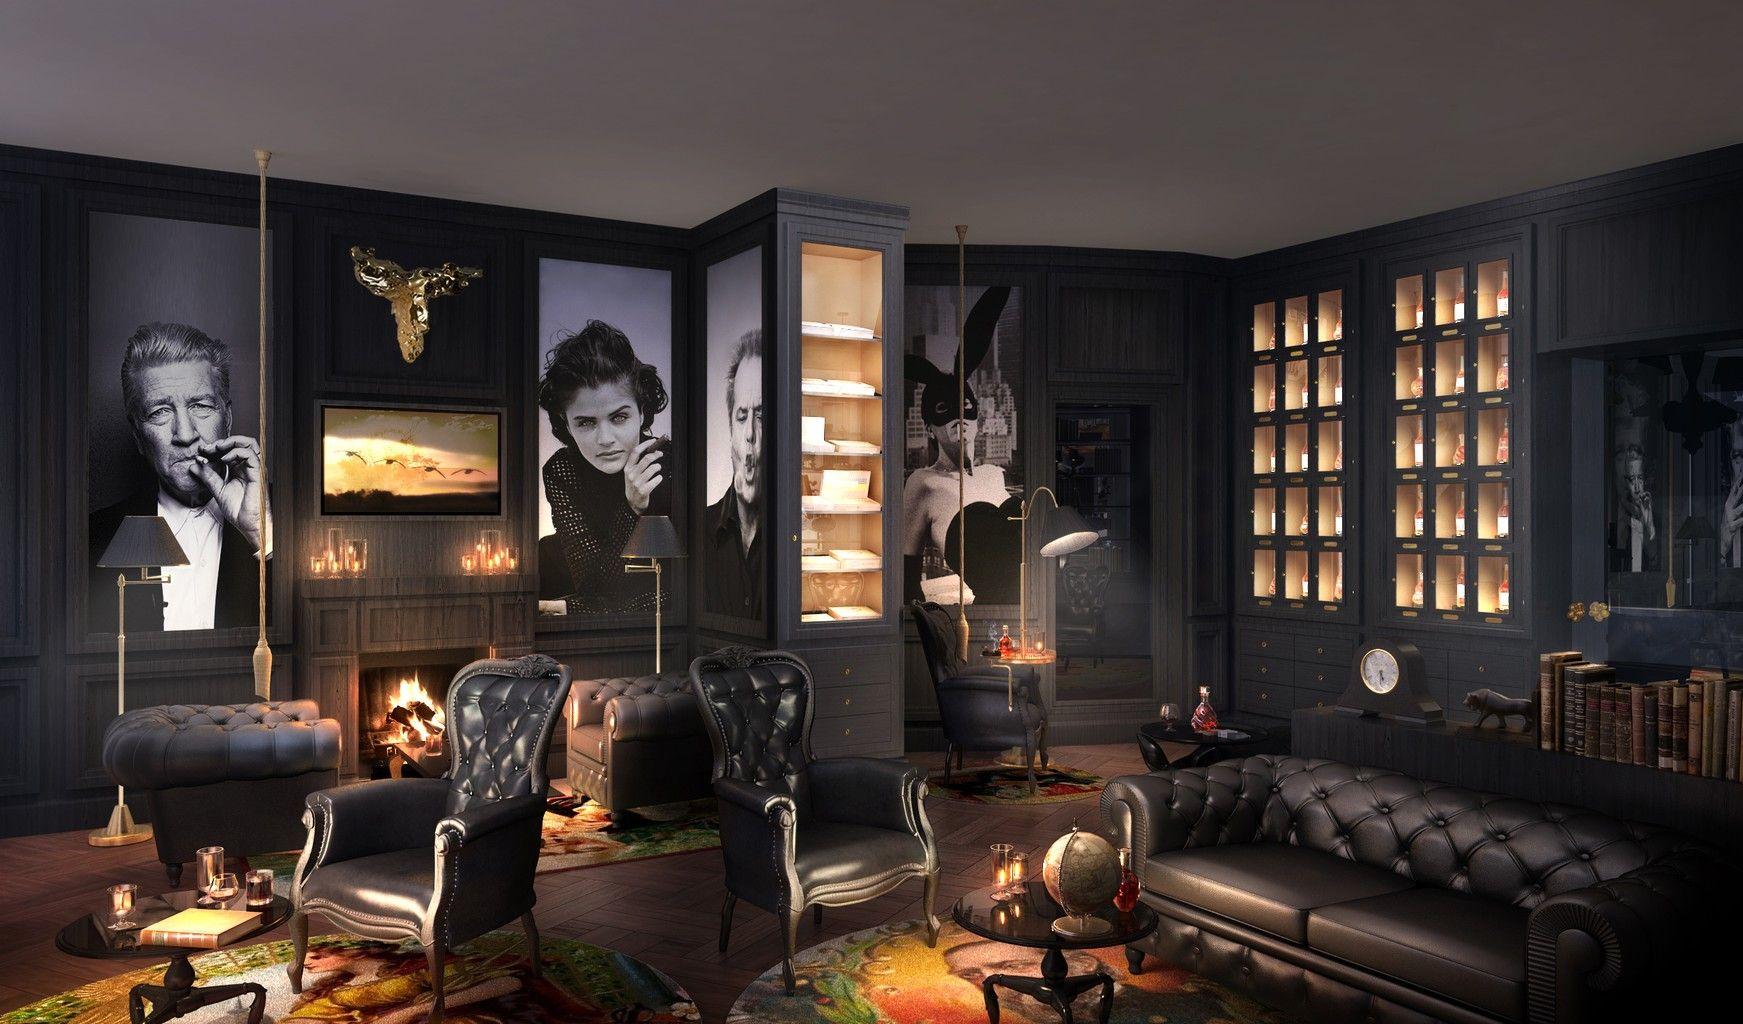 foto smokers lounge hotel m bel pinterest herrenzimmer reihenhaus und zigarren. Black Bedroom Furniture Sets. Home Design Ideas